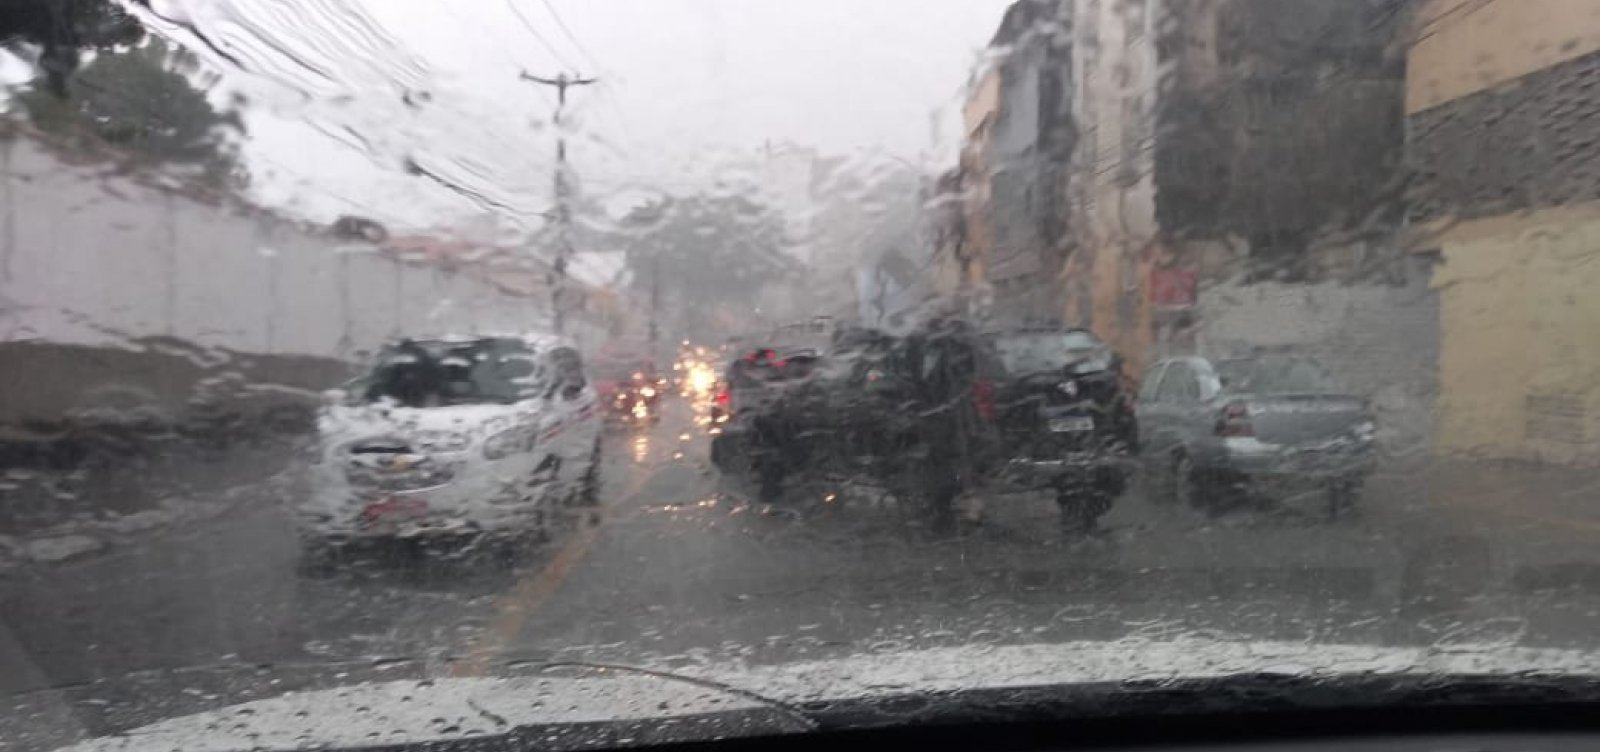 [Defesa Civil registra 45 solicitações devido às chuvas em Salvador]